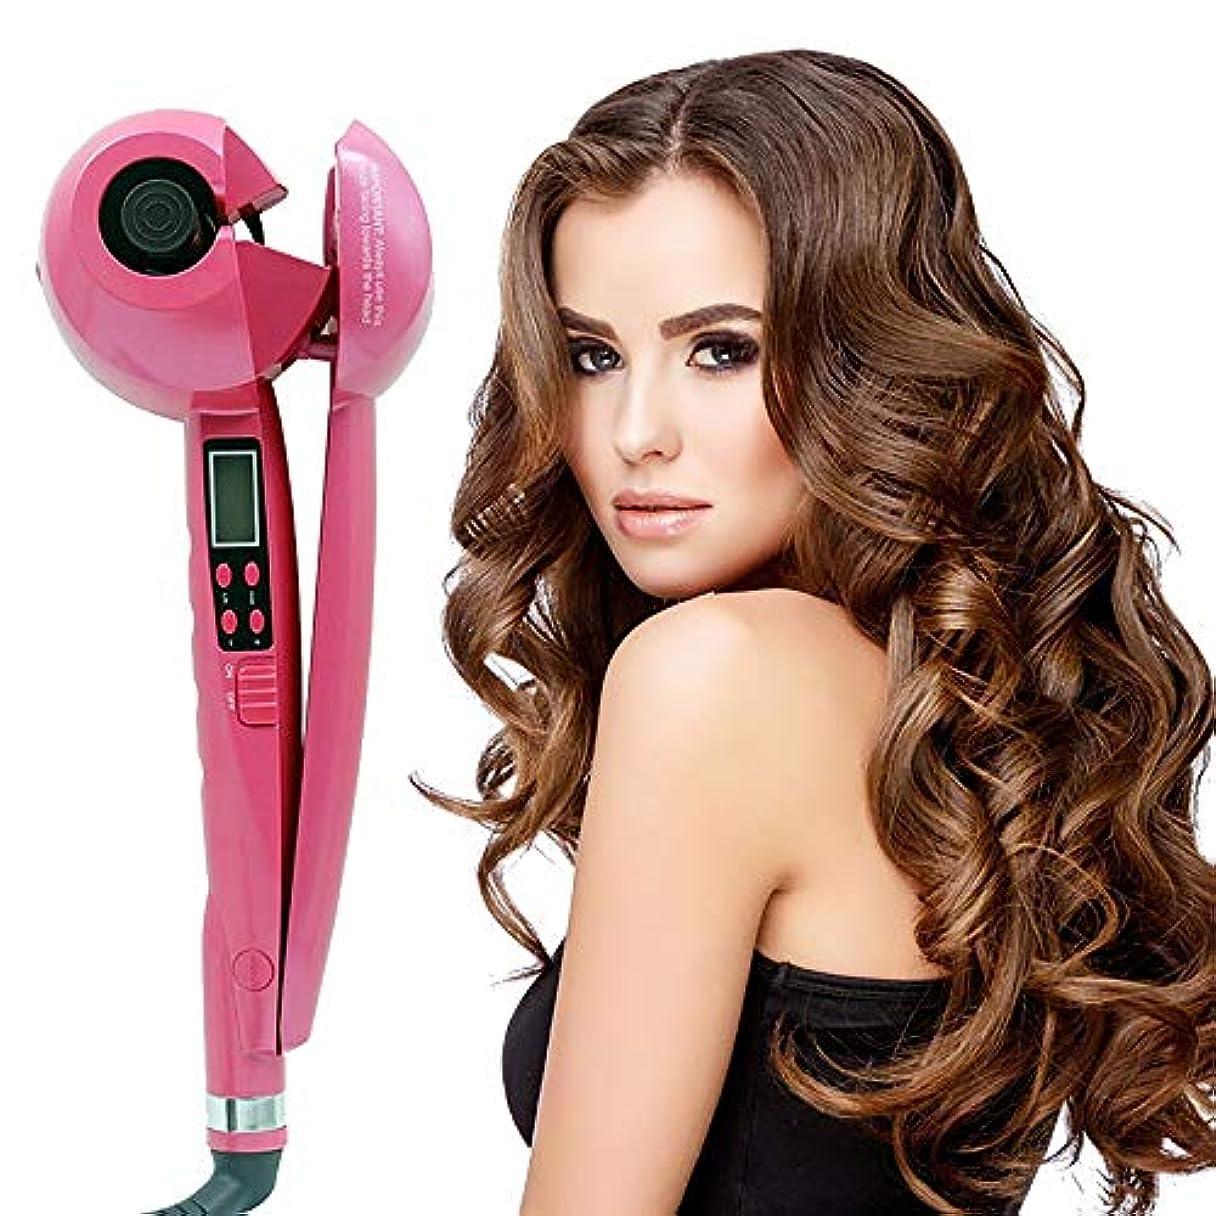 ブラウン迷路インク職業マイナスイオンヘアカーラー、液晶全自動セラミックス理髪ツール、マルチスタイラーロングショートウェットドライヘア用髪にダメージなし